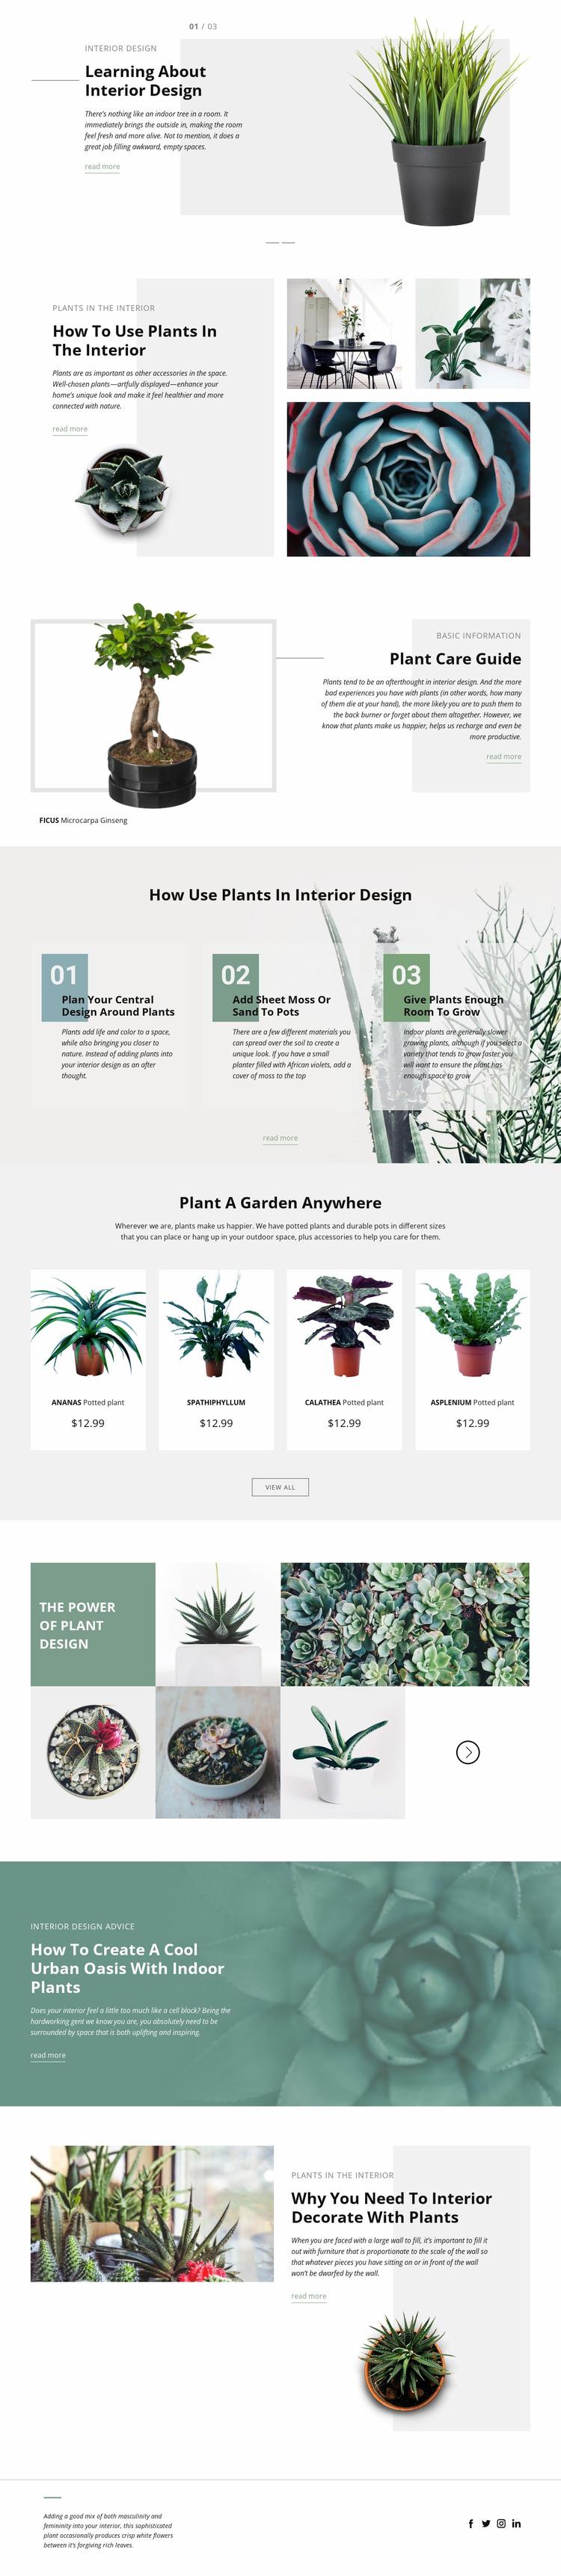 Interior Design Studio WordPress Website Builder